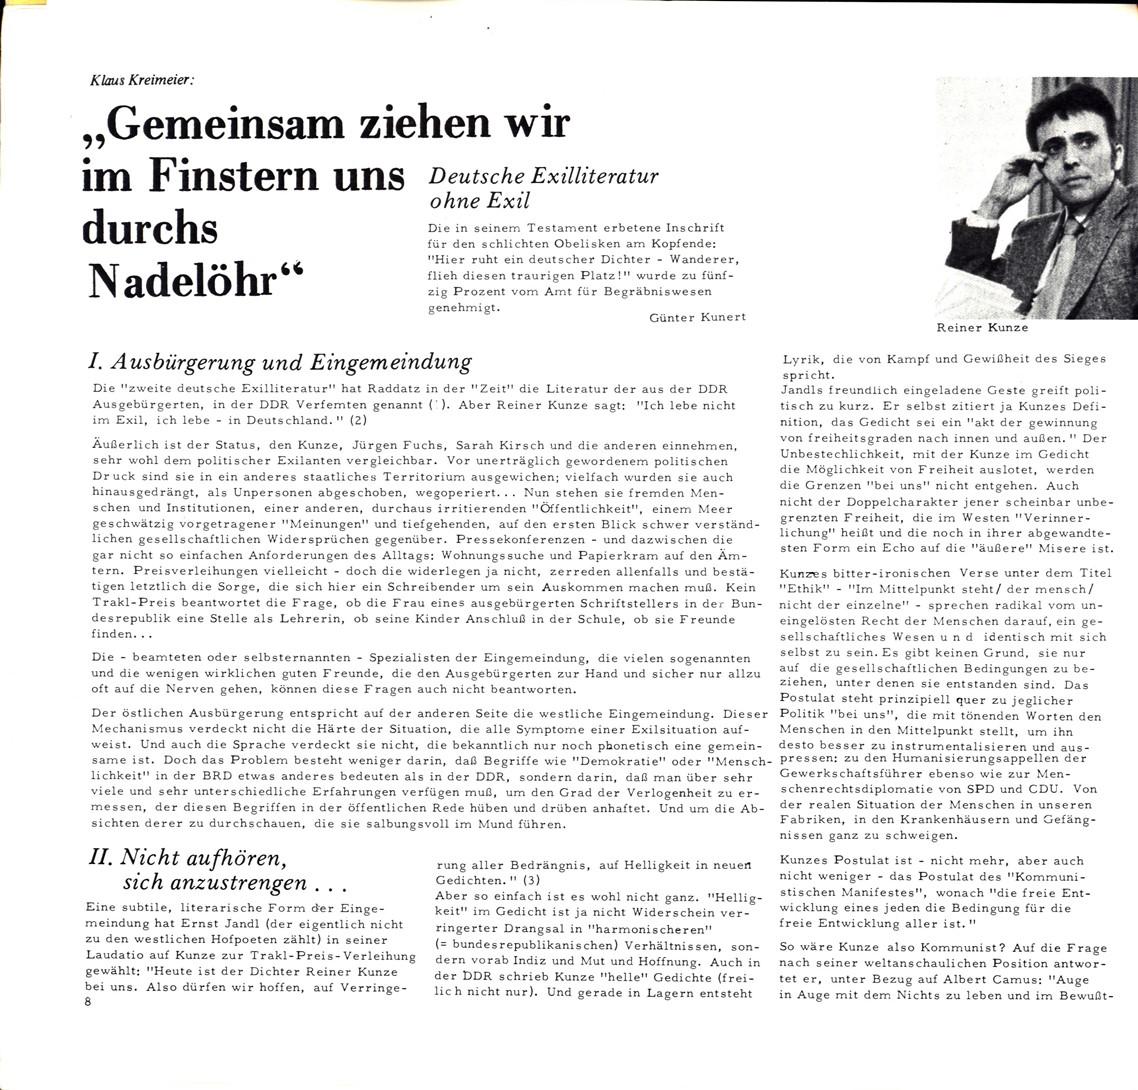 VSK_Kaempfende_Kunst_19771200_08